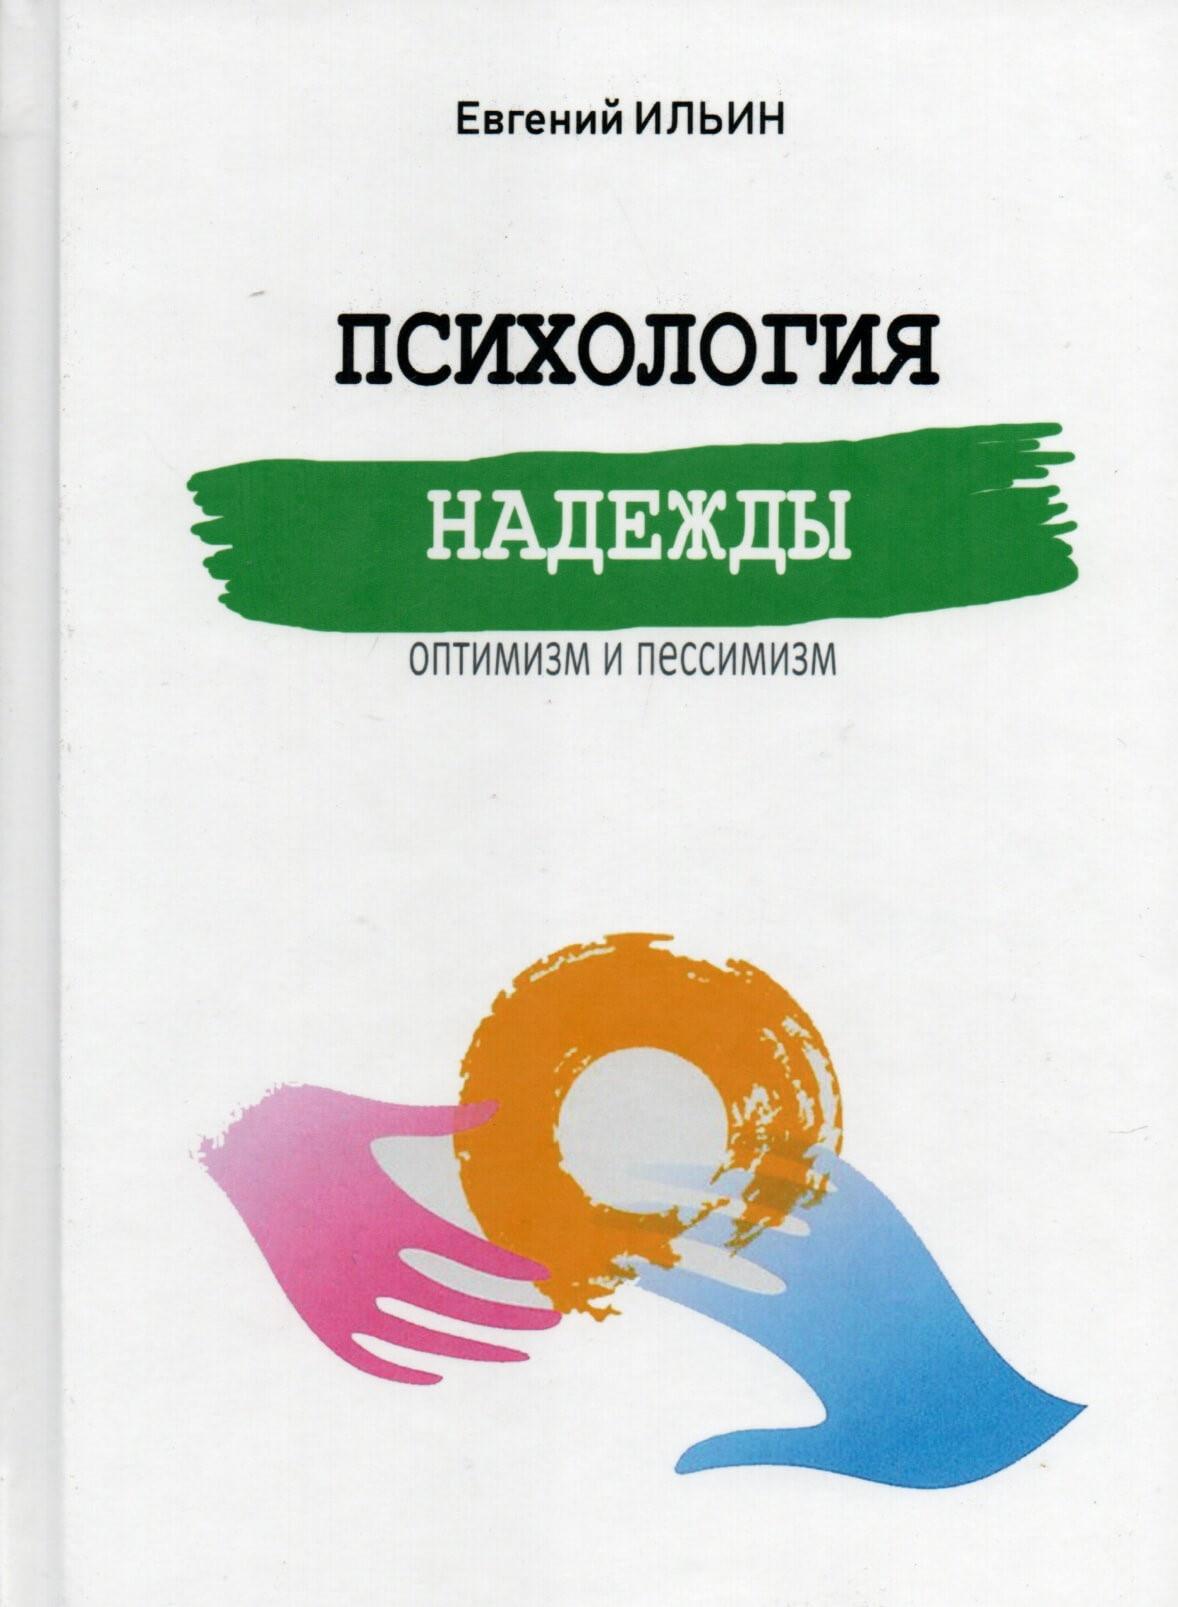 Психология надежды. Оптимизм и пессимизм. Автор — Евгений Ильин. Переплет —